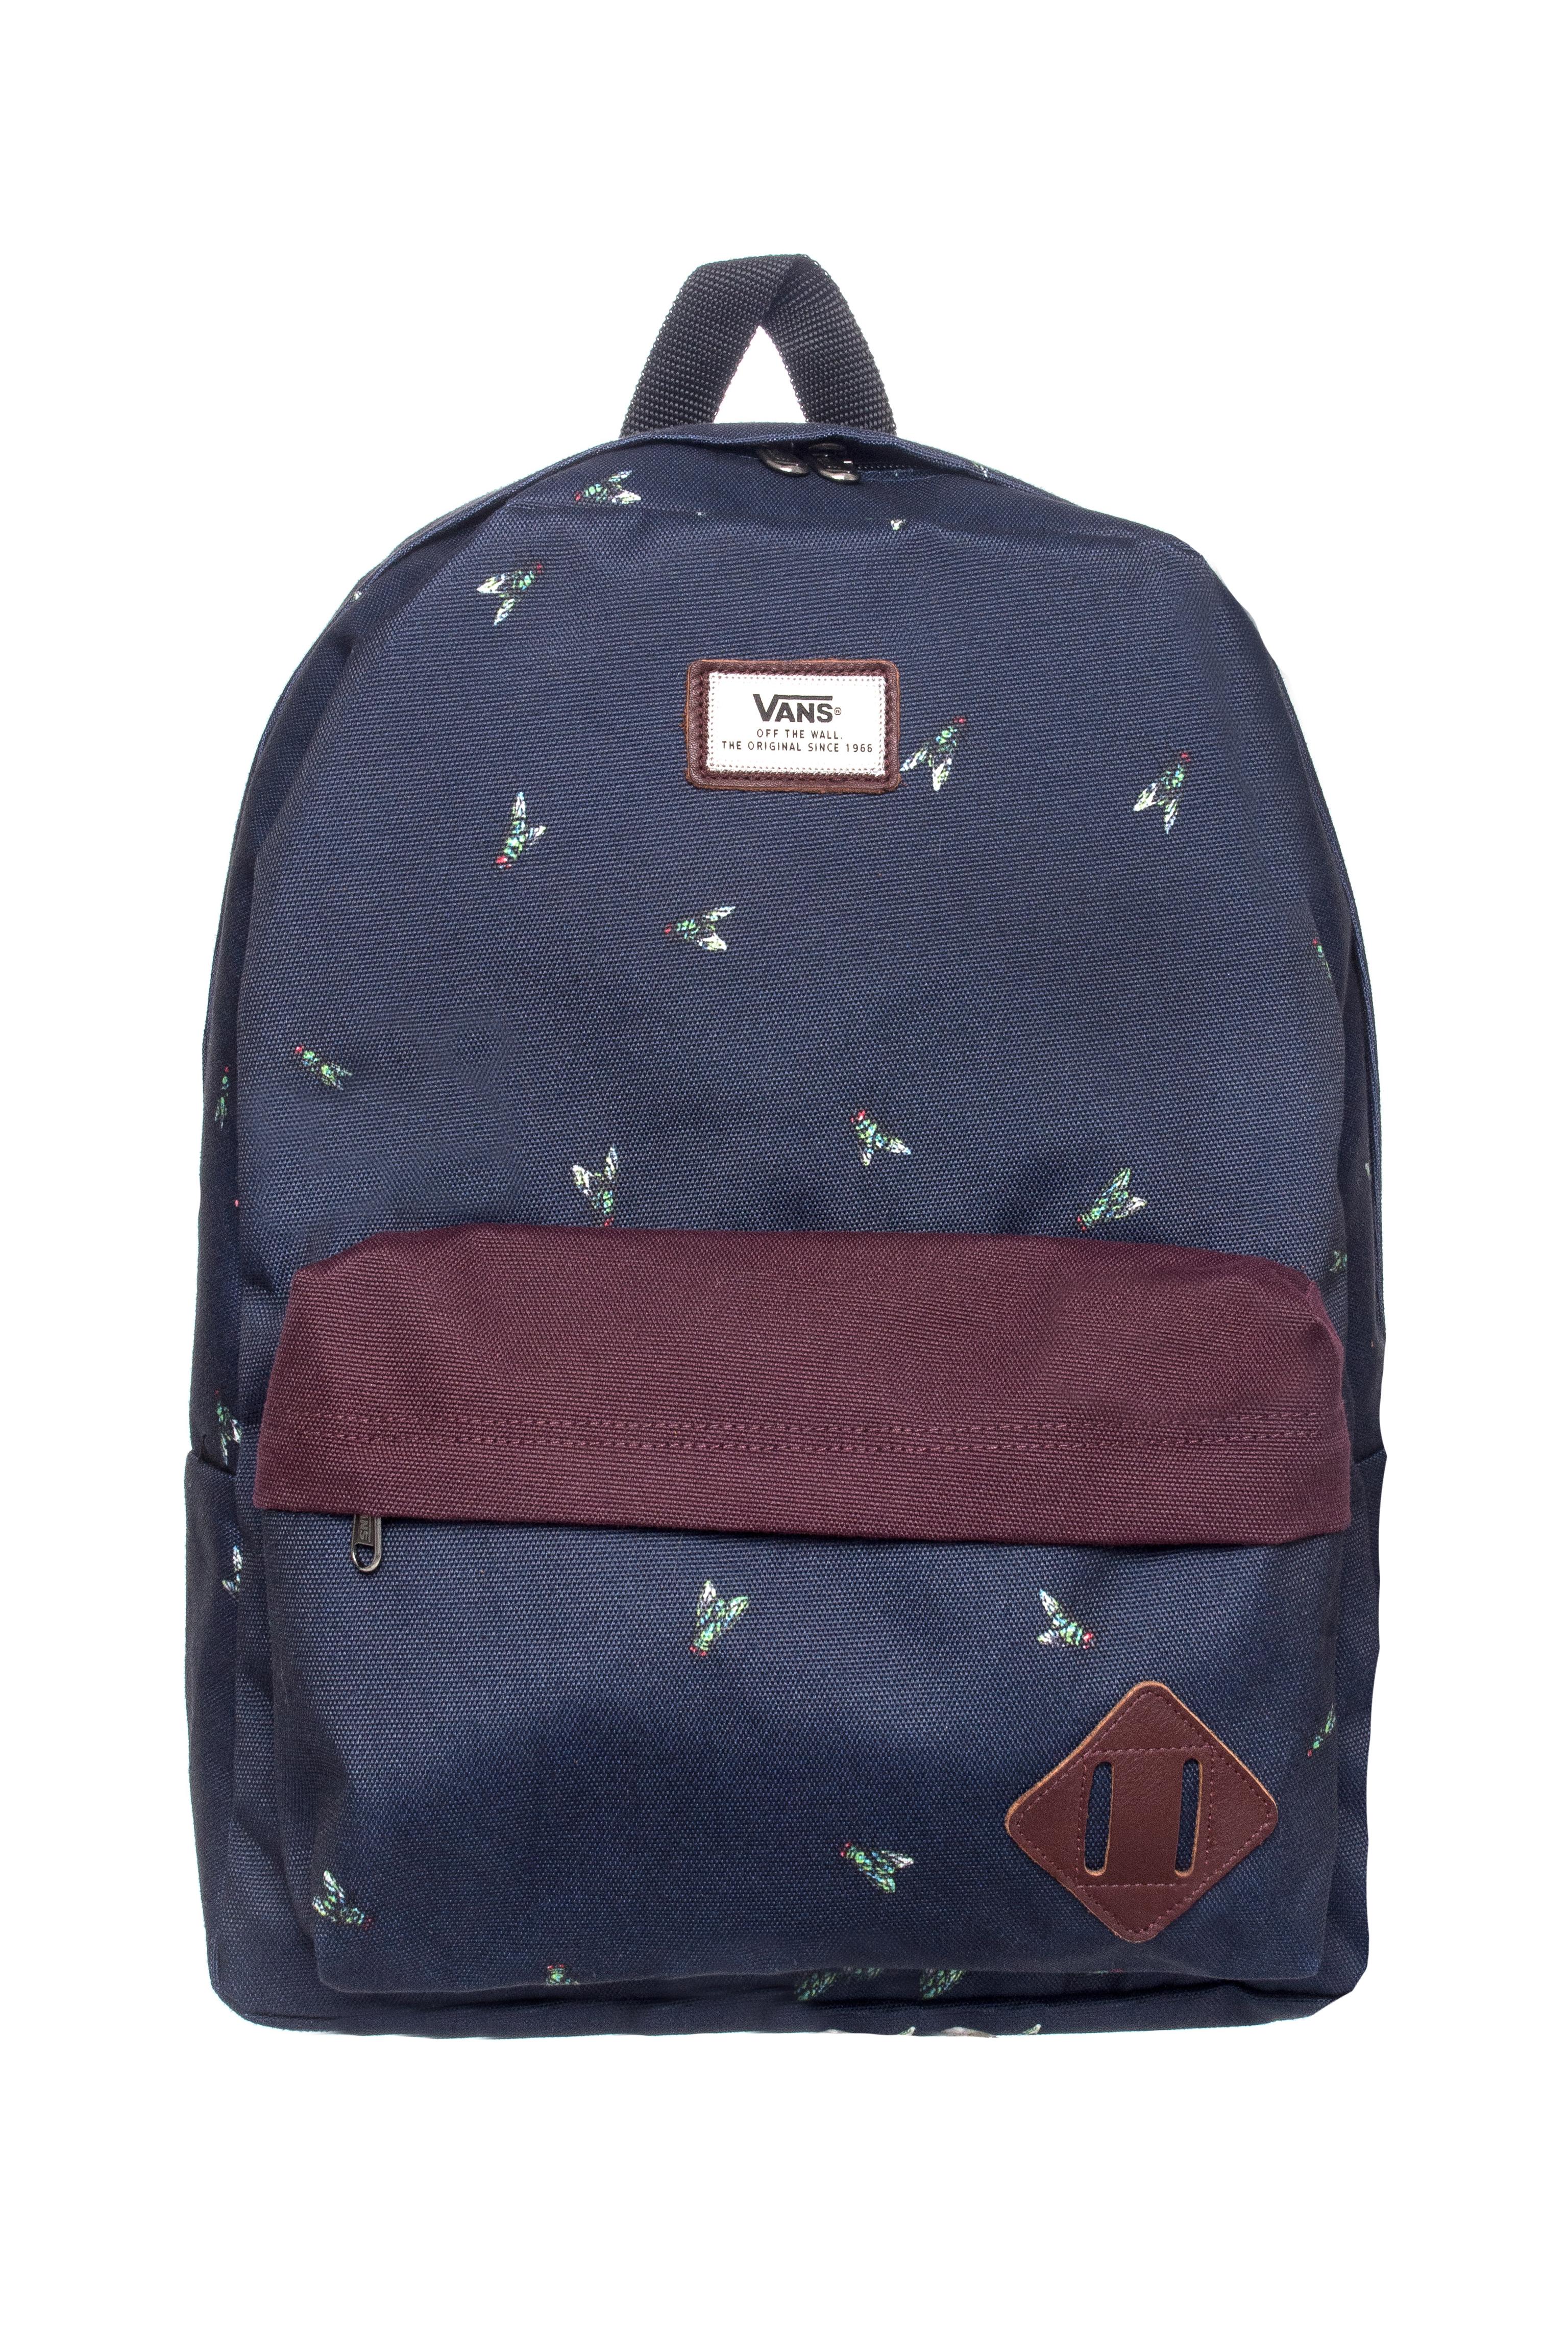 Vans Unisex Old Skool II Backpack